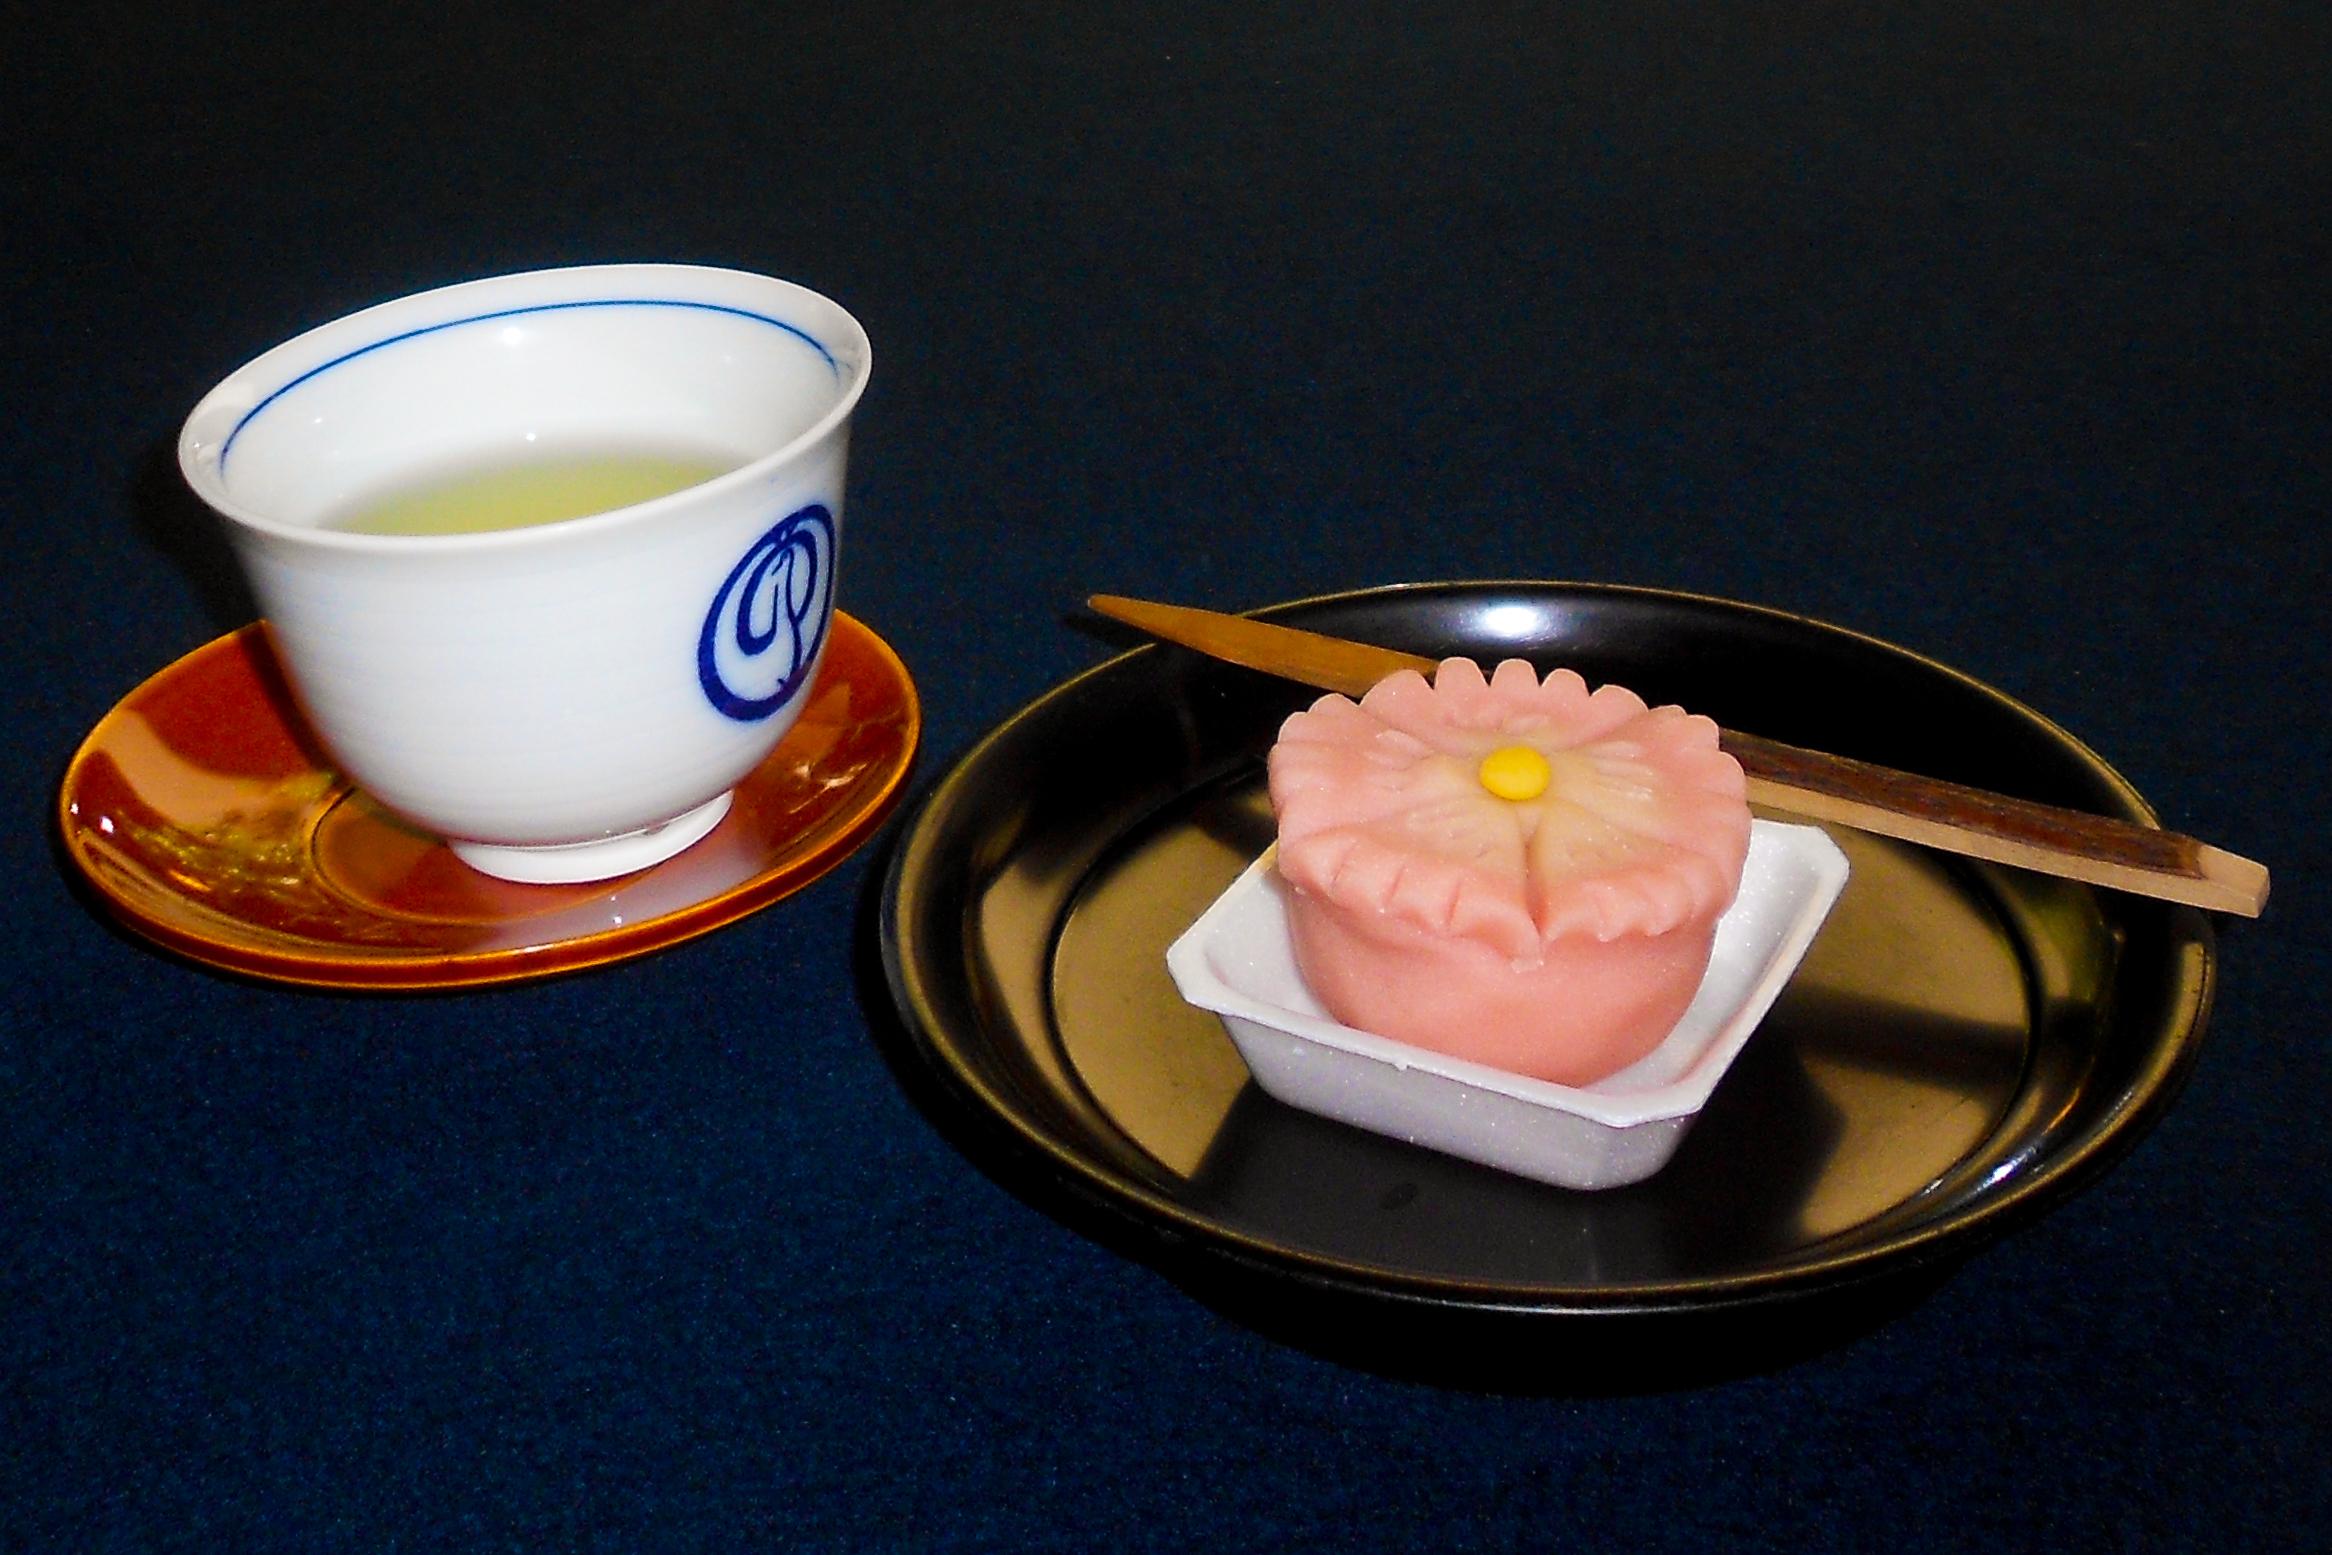 Selbstgemachtes Wagashi mit einer Tasse grünem Tee